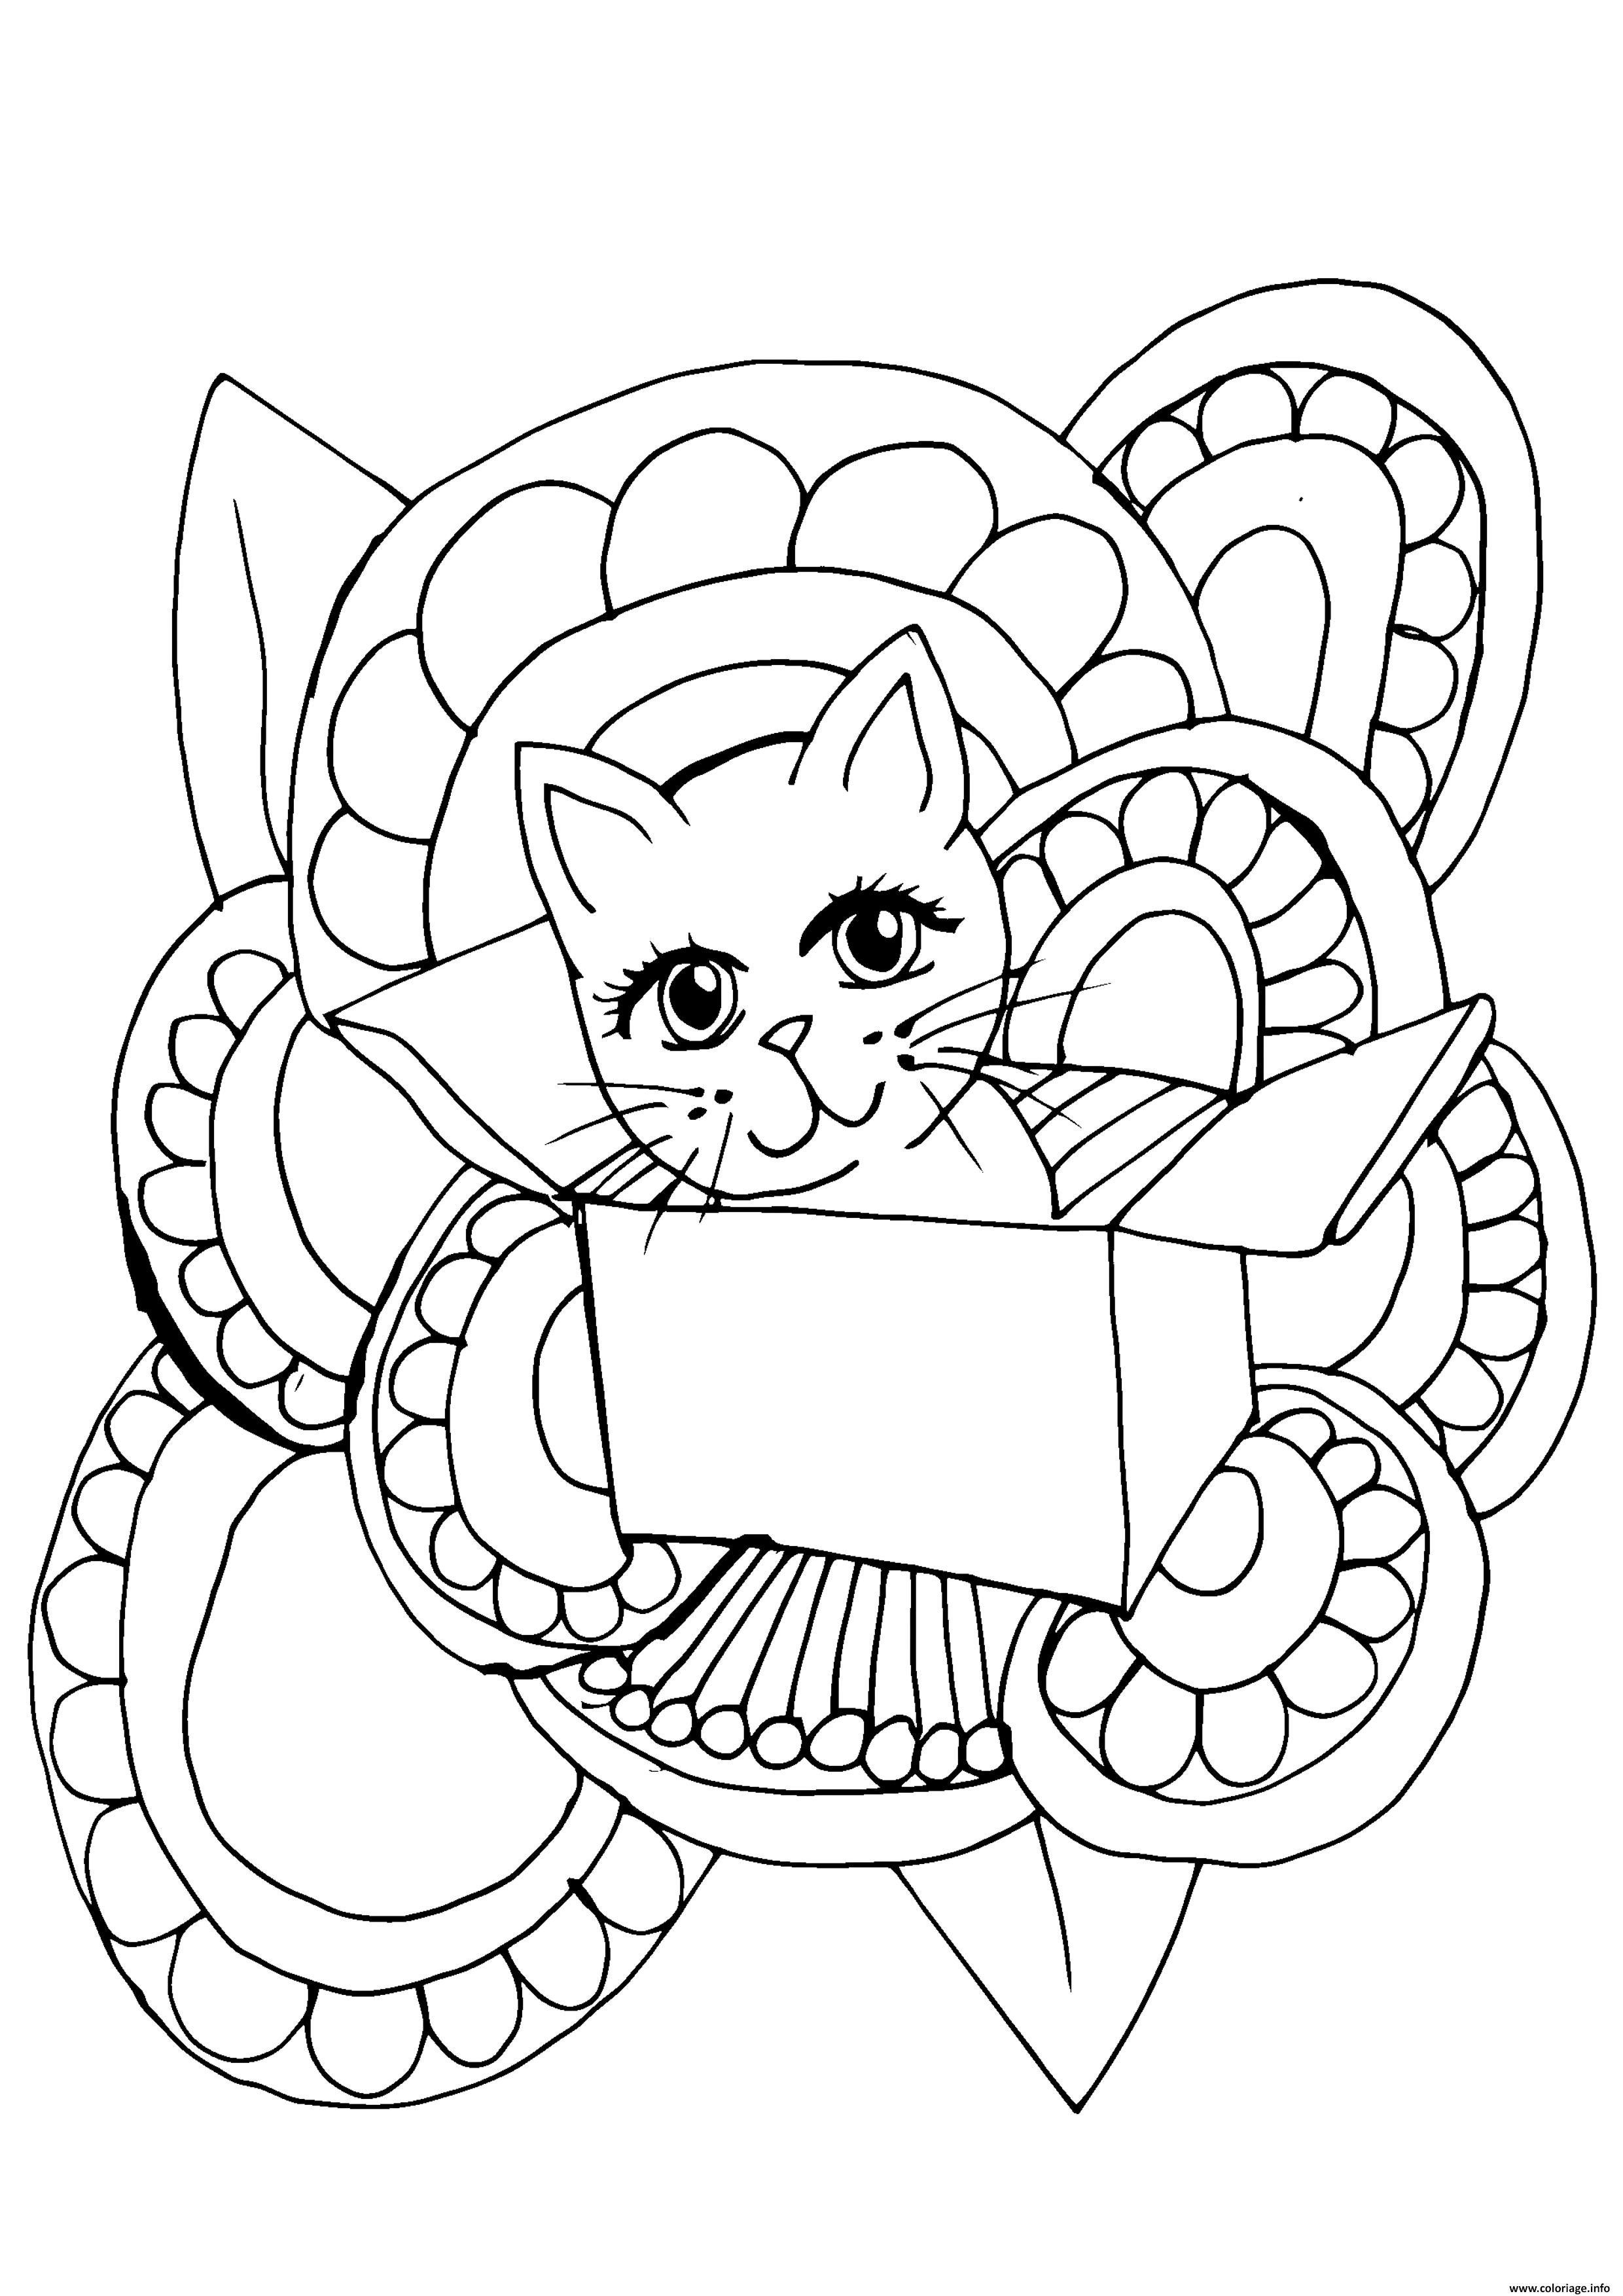 Dessin cute chat adulte boite Coloriage Gratuit à Imprimer